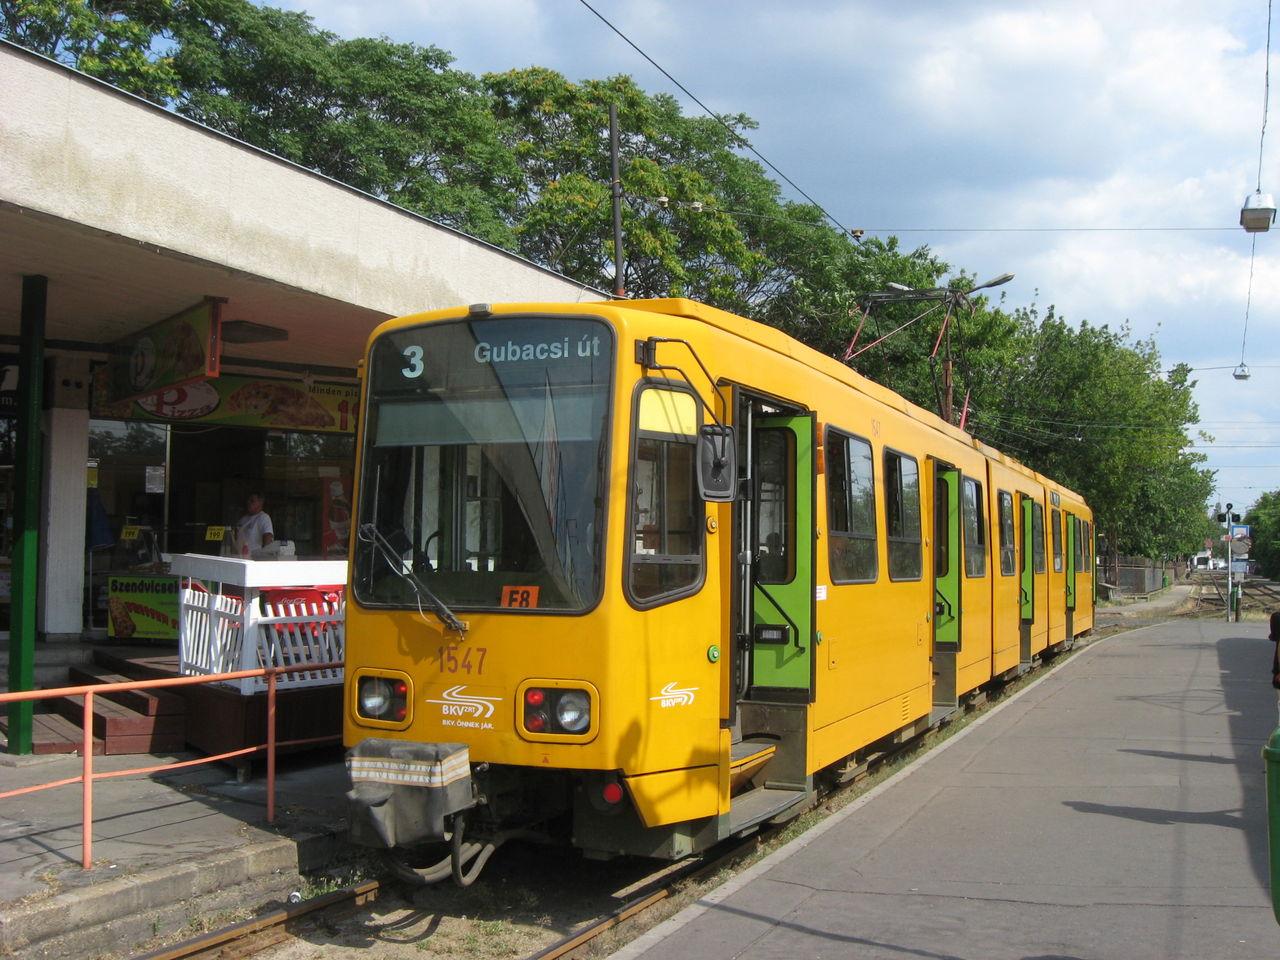 ブダペスト地下鉄の画像 p1_34